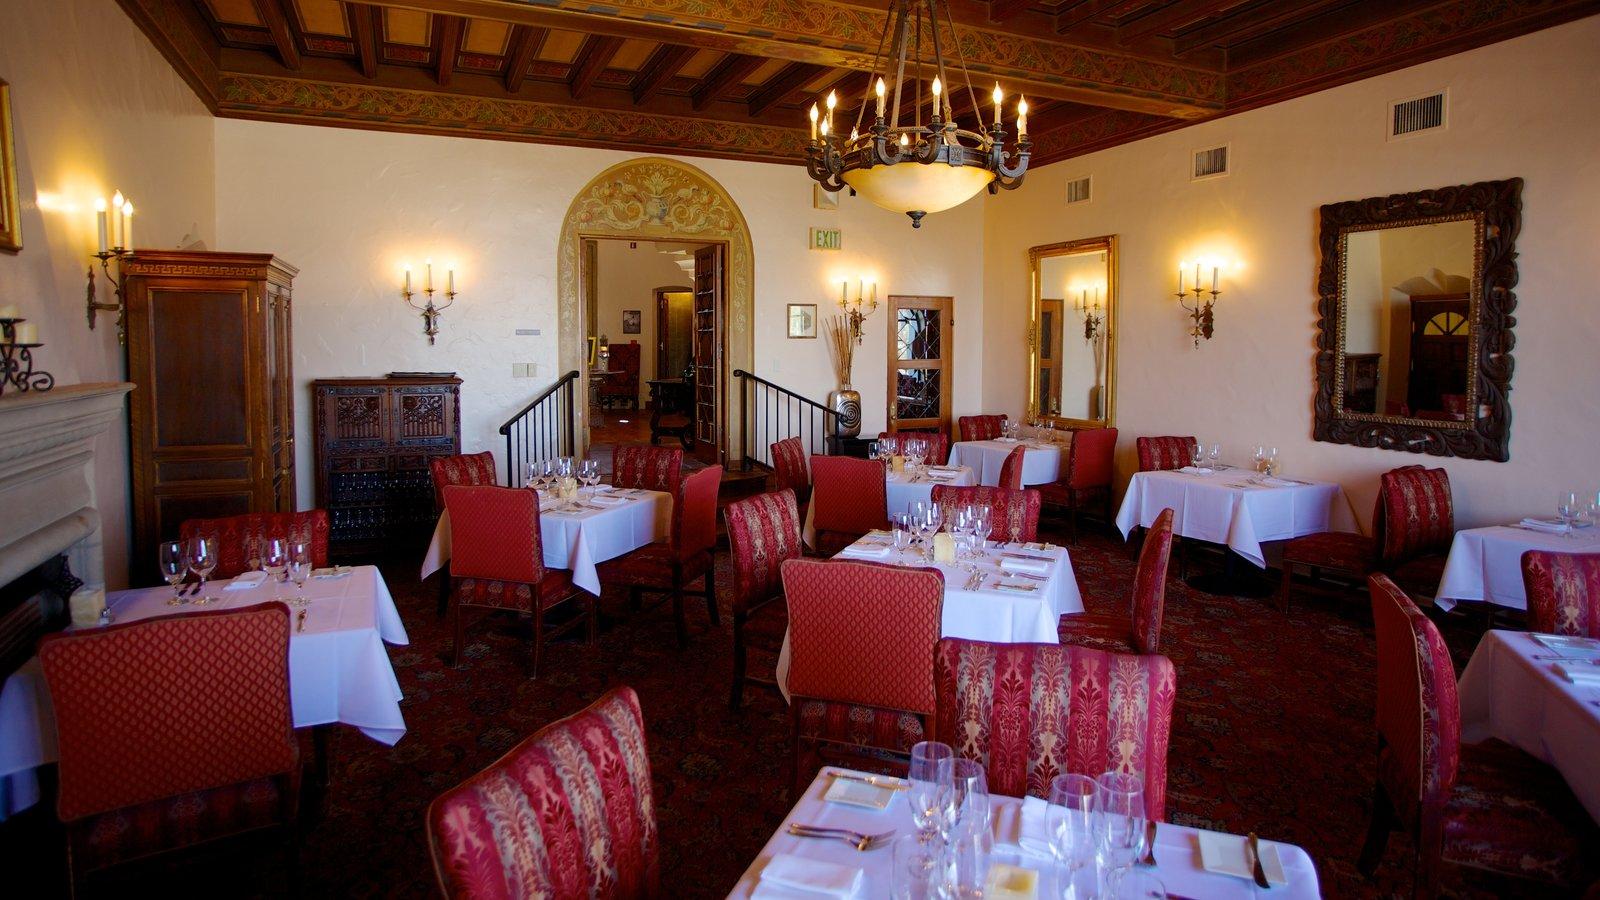 Wrigley Mansion que incluye vistas interiores y patrimonio de arquitectura